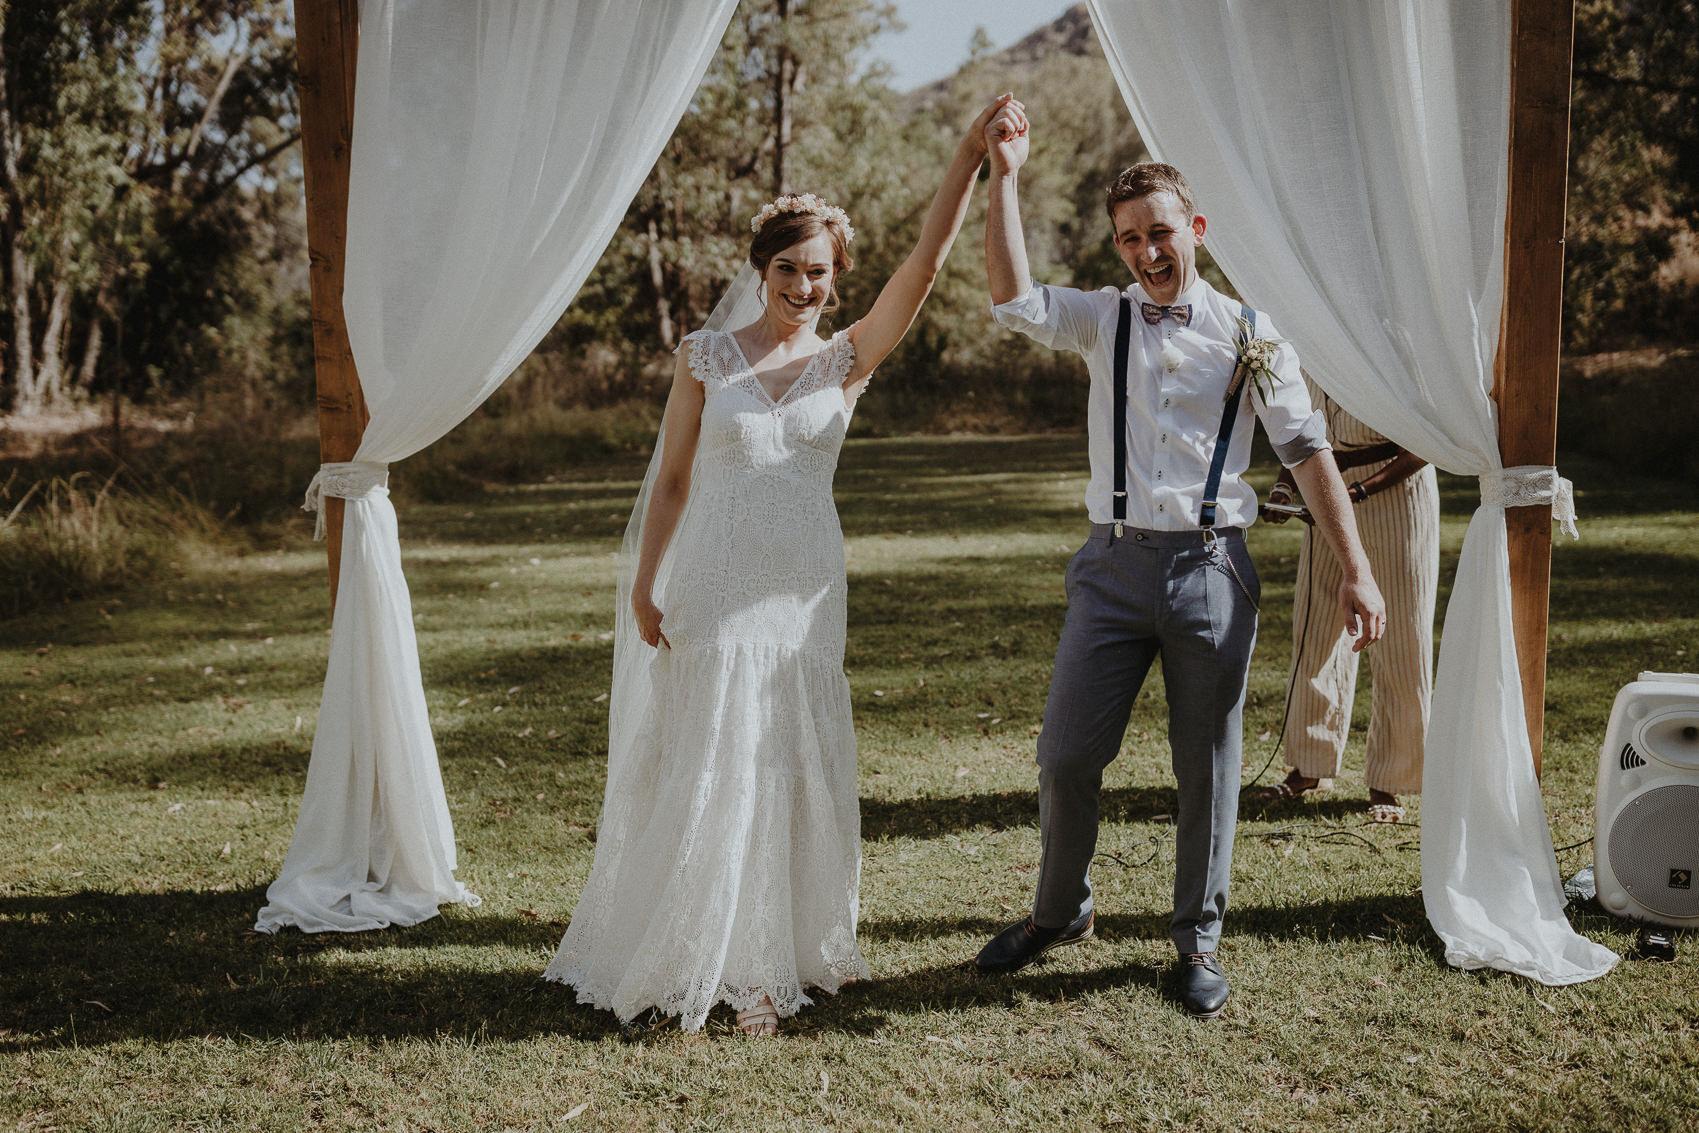 Sarah & Bill | Summer wedding at Cortijo Rosa Blanca | Marbella - Spain 84